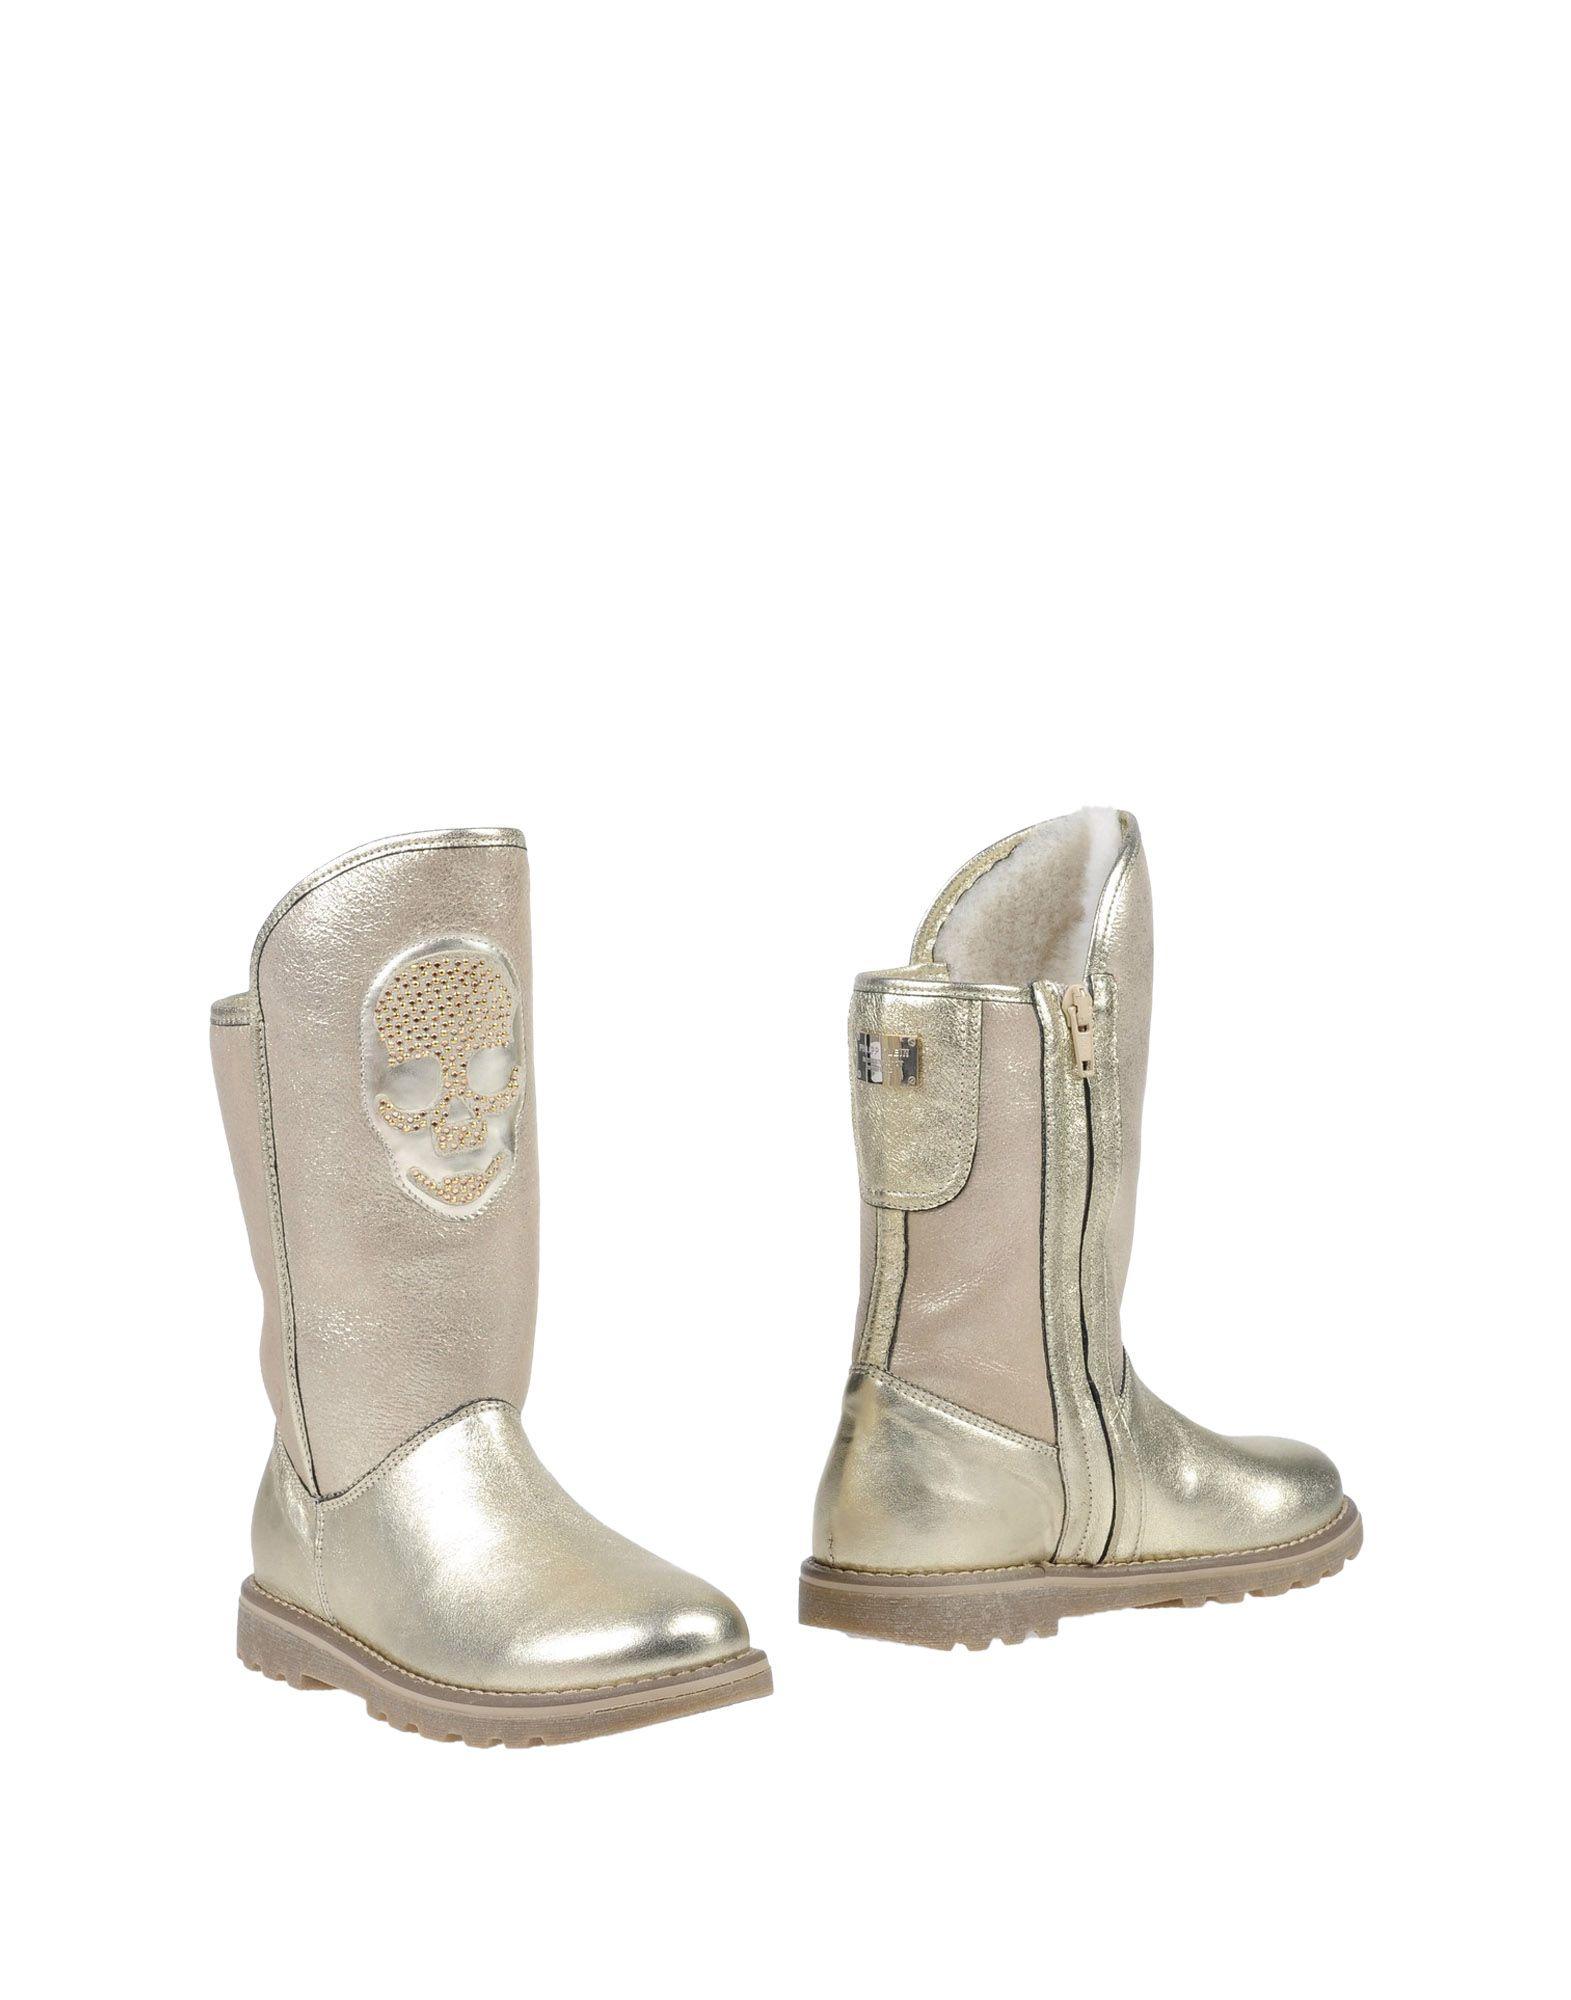 PHILIPP PLEIN Mädchen 3-8 jahre Stiefel Farbe Gold Größe 15 jetztbilligerkaufen